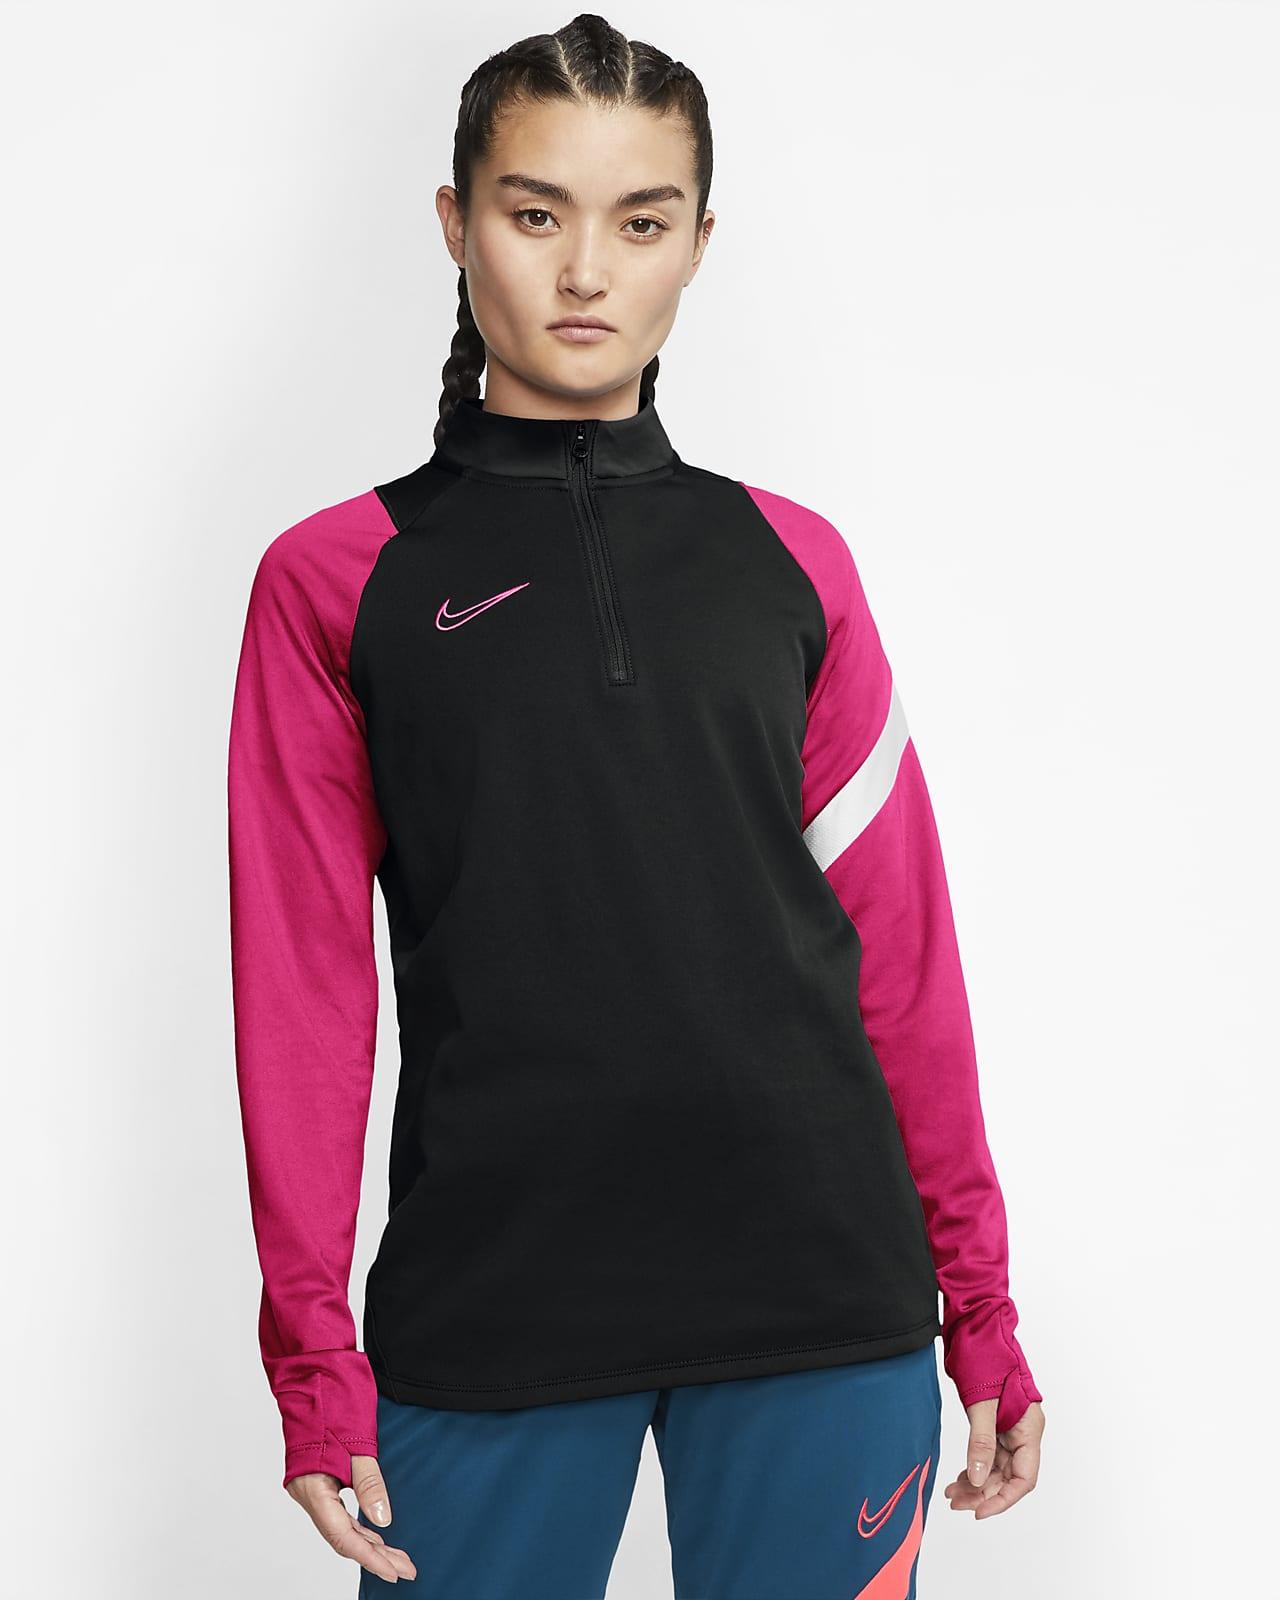 Nike Dri-FIT Academy Pro fotballtreningsoverdel til dame